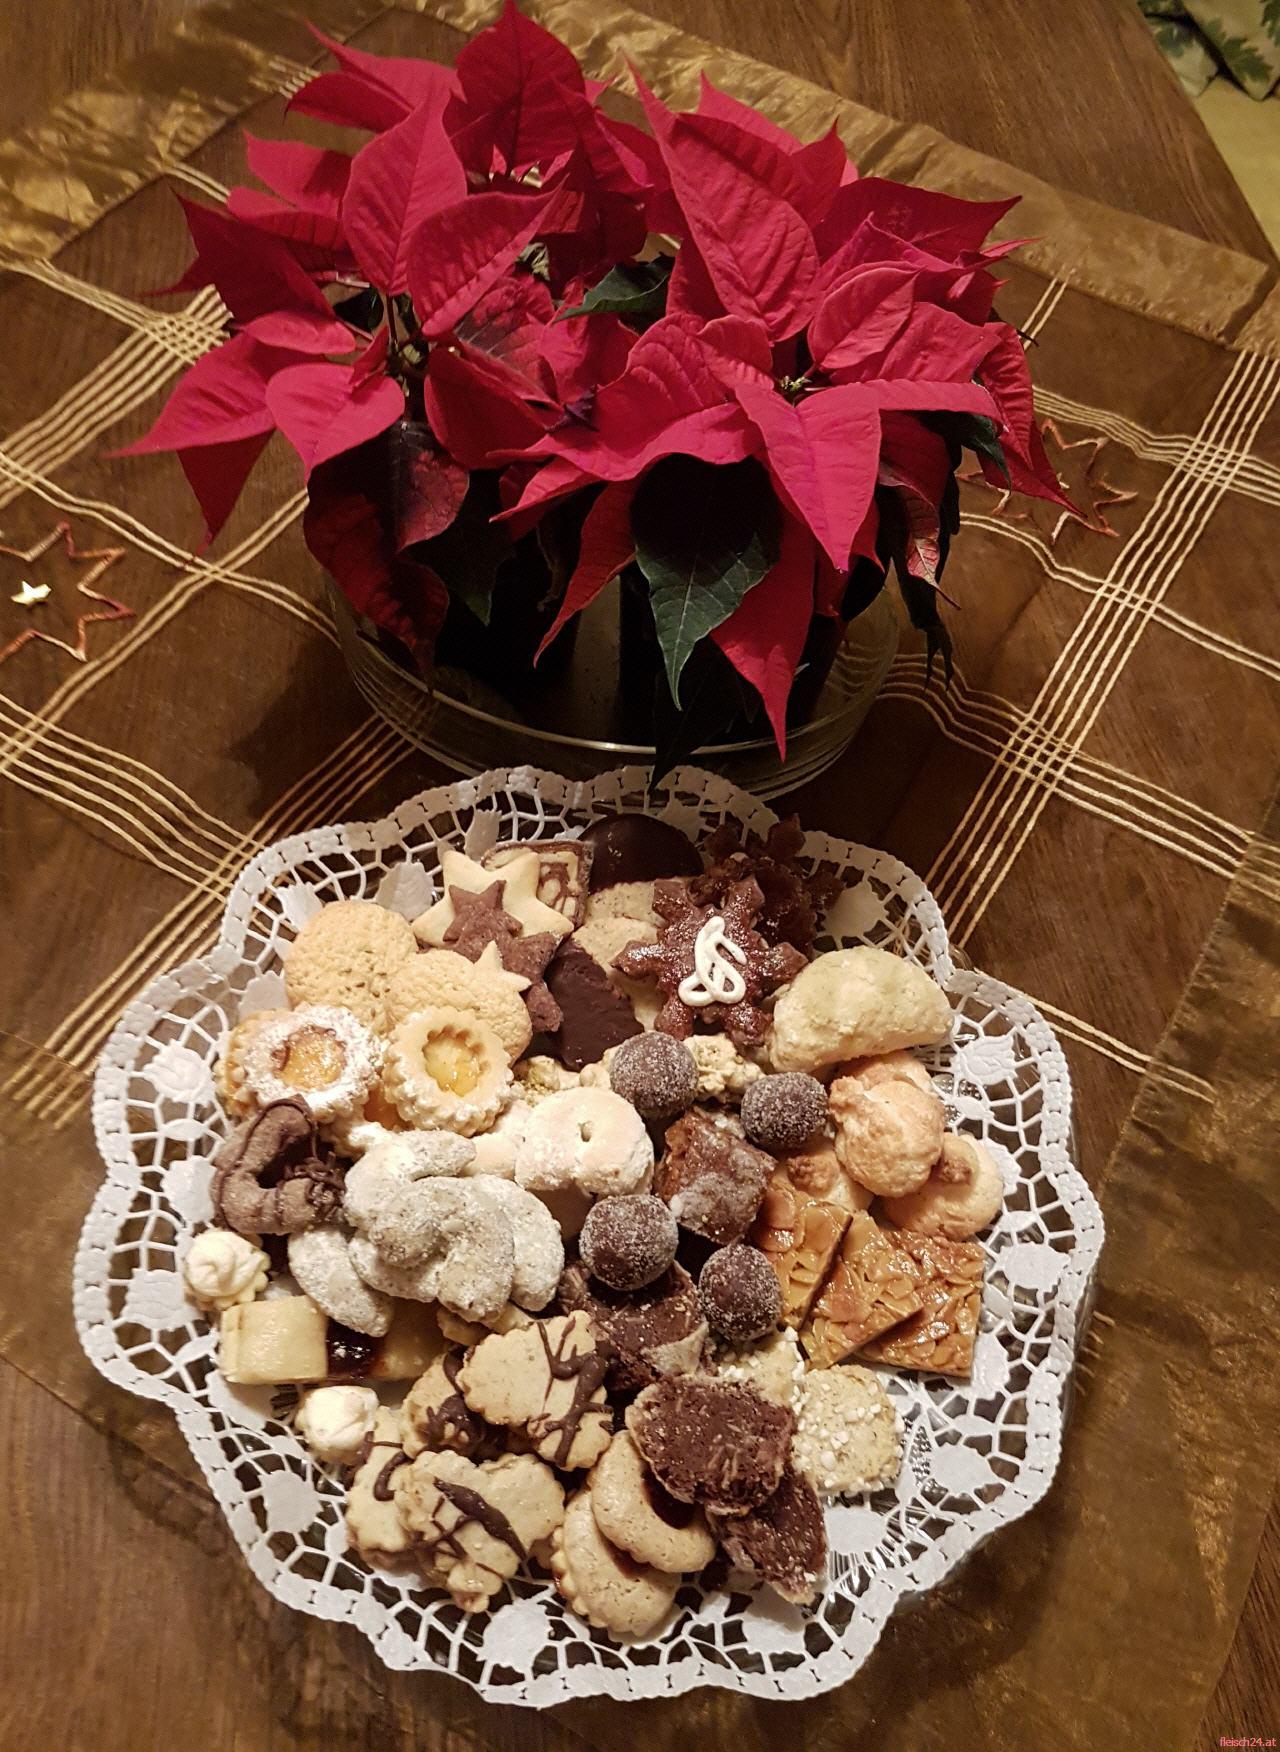 Weihnachtskekse Bestellen österreich.Weihnachtskekse Für Die Advent Und Weihnachtsfeiertage